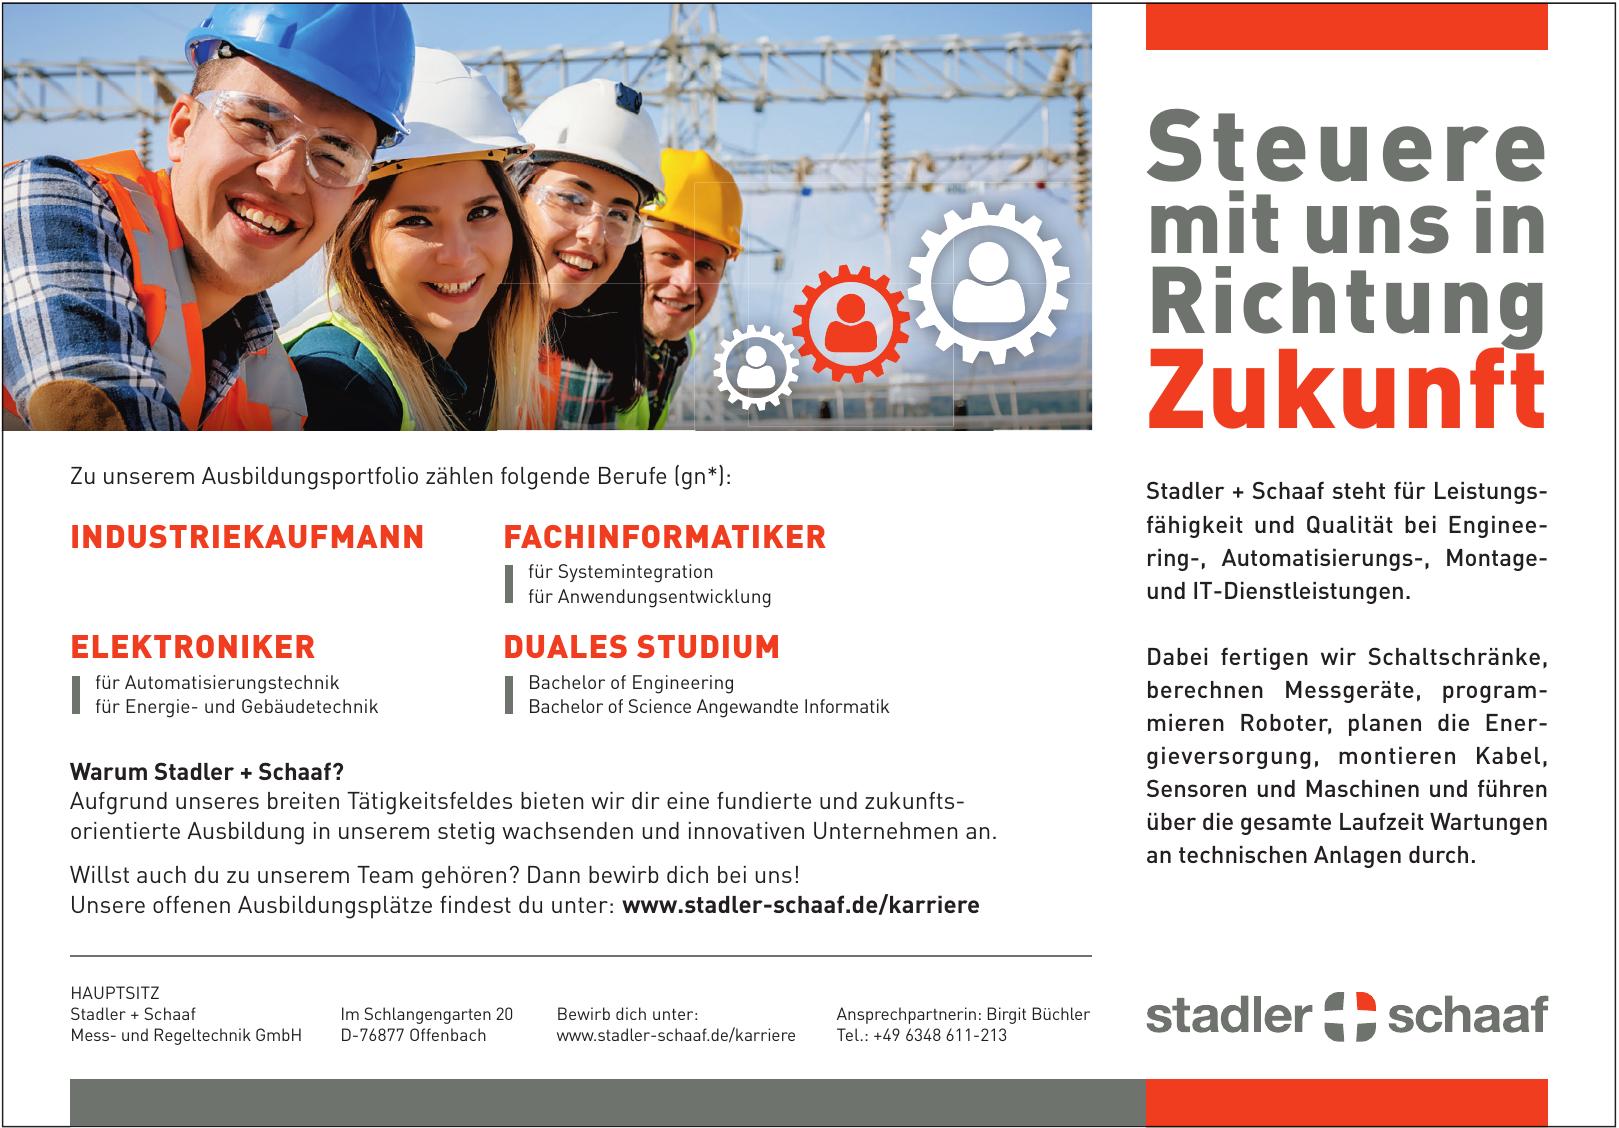 Stadler + Schaaf Mess- und Regeltechnik GmbH